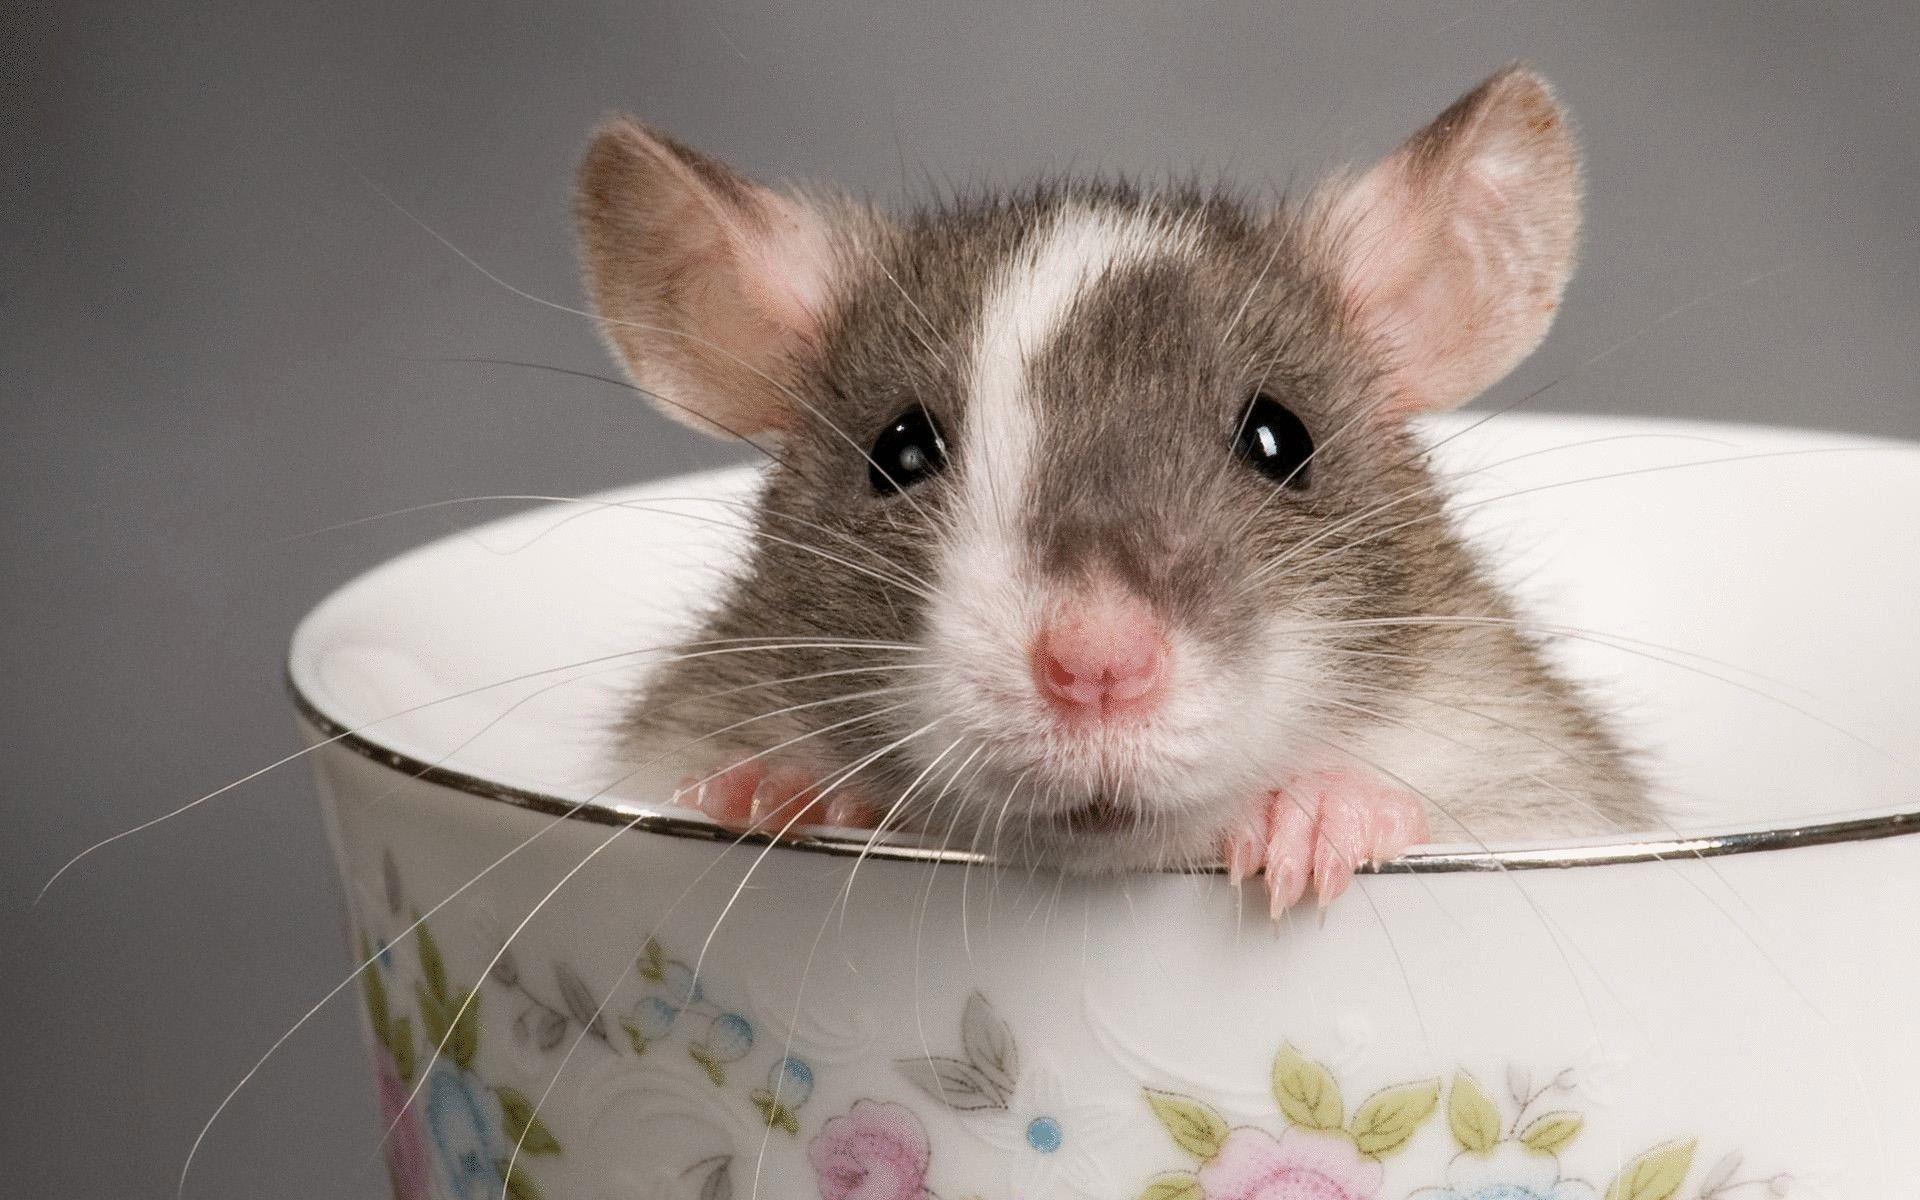 Рейтинг лучших кормов для декоративных крыс в 2020 году